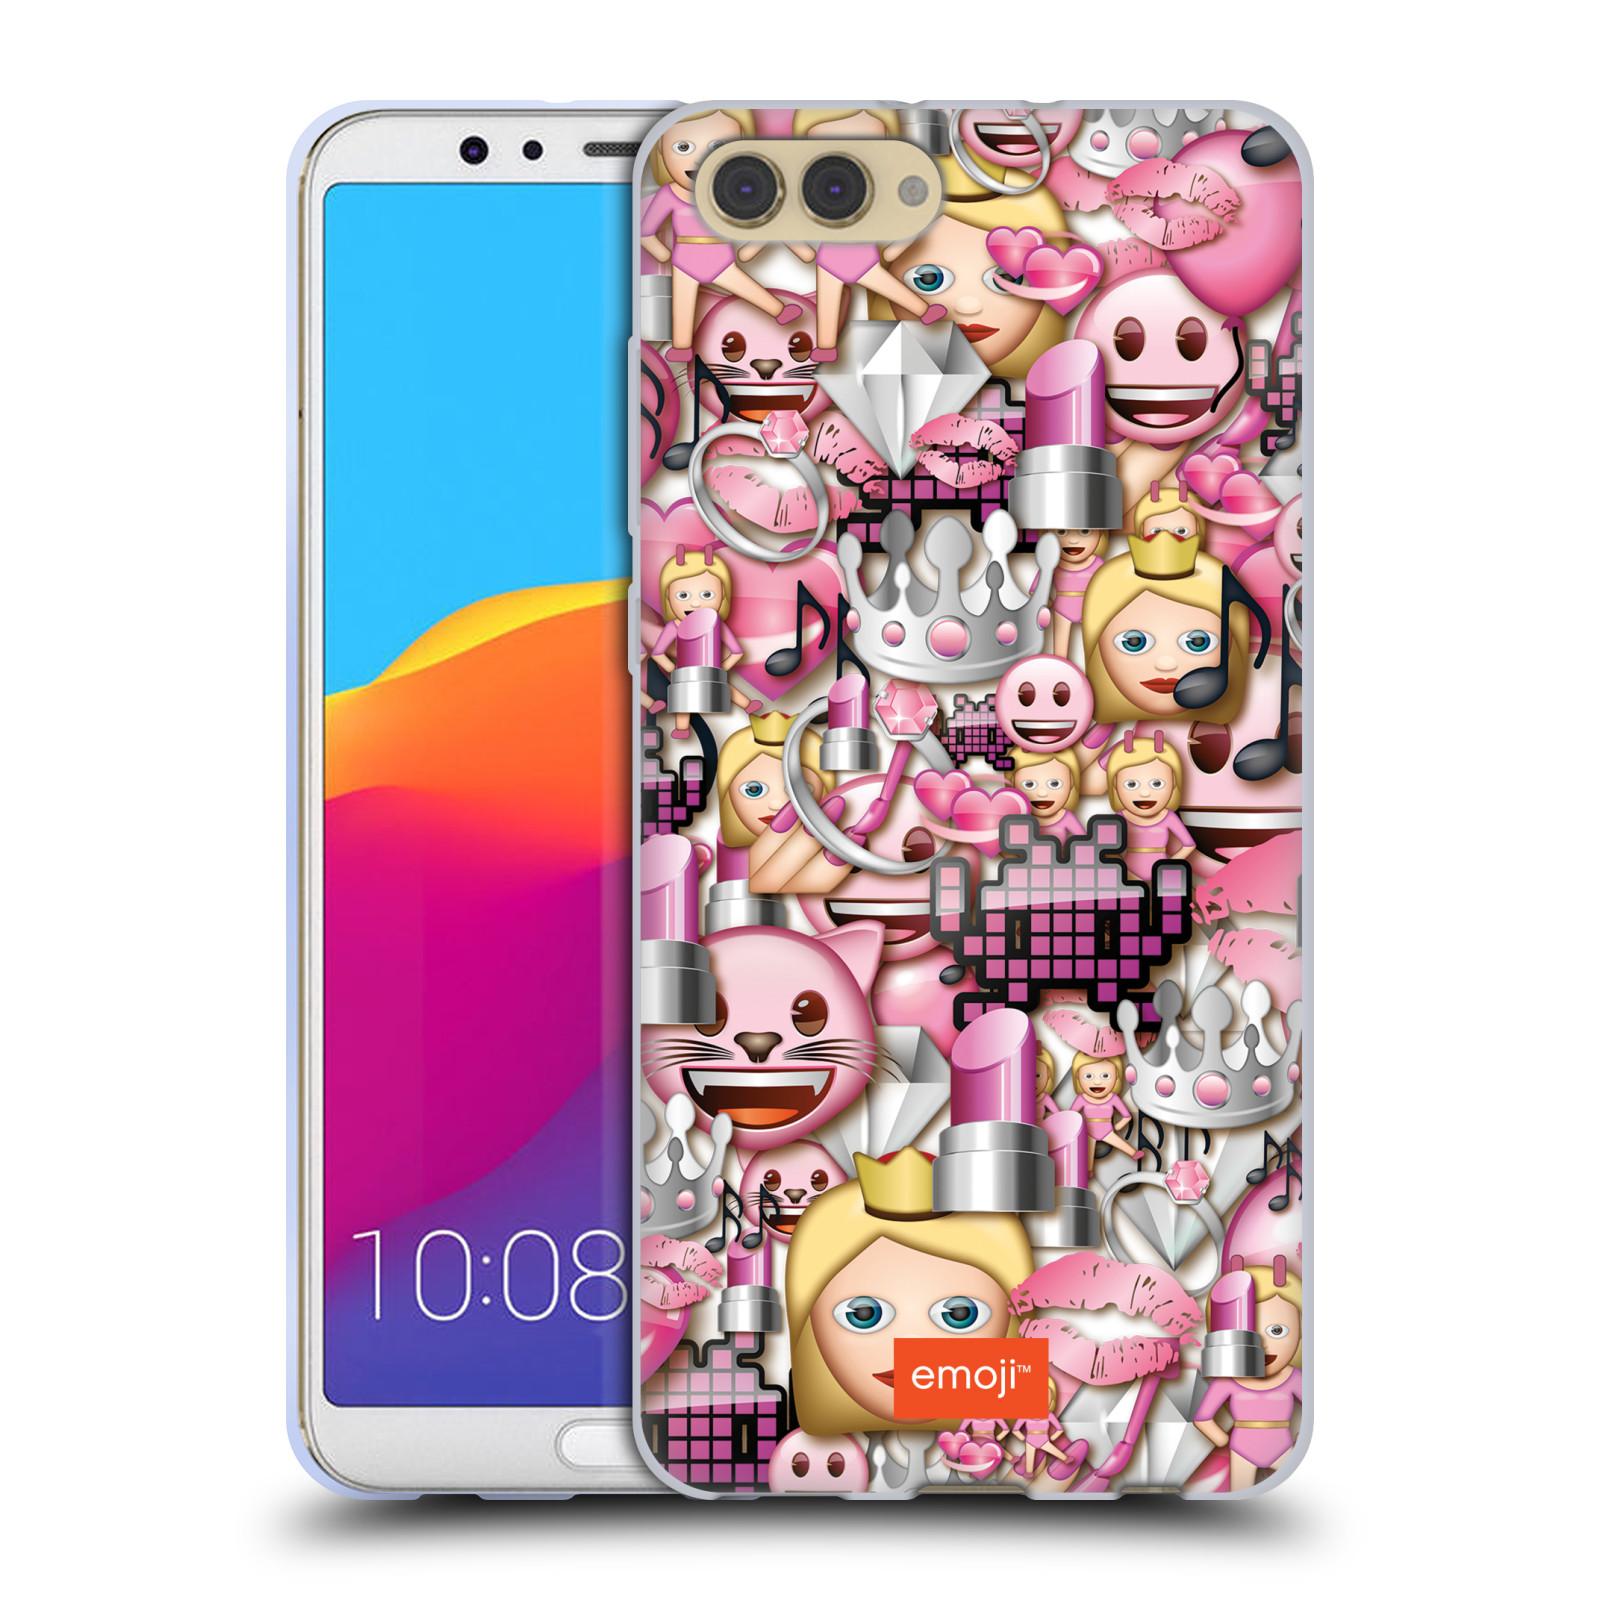 HEAD CASE silikonový obal na mobil Huawei HONOR VIEW 10 / V10 smajlíci oficiální kryt EMOJI vzor fashion růžová